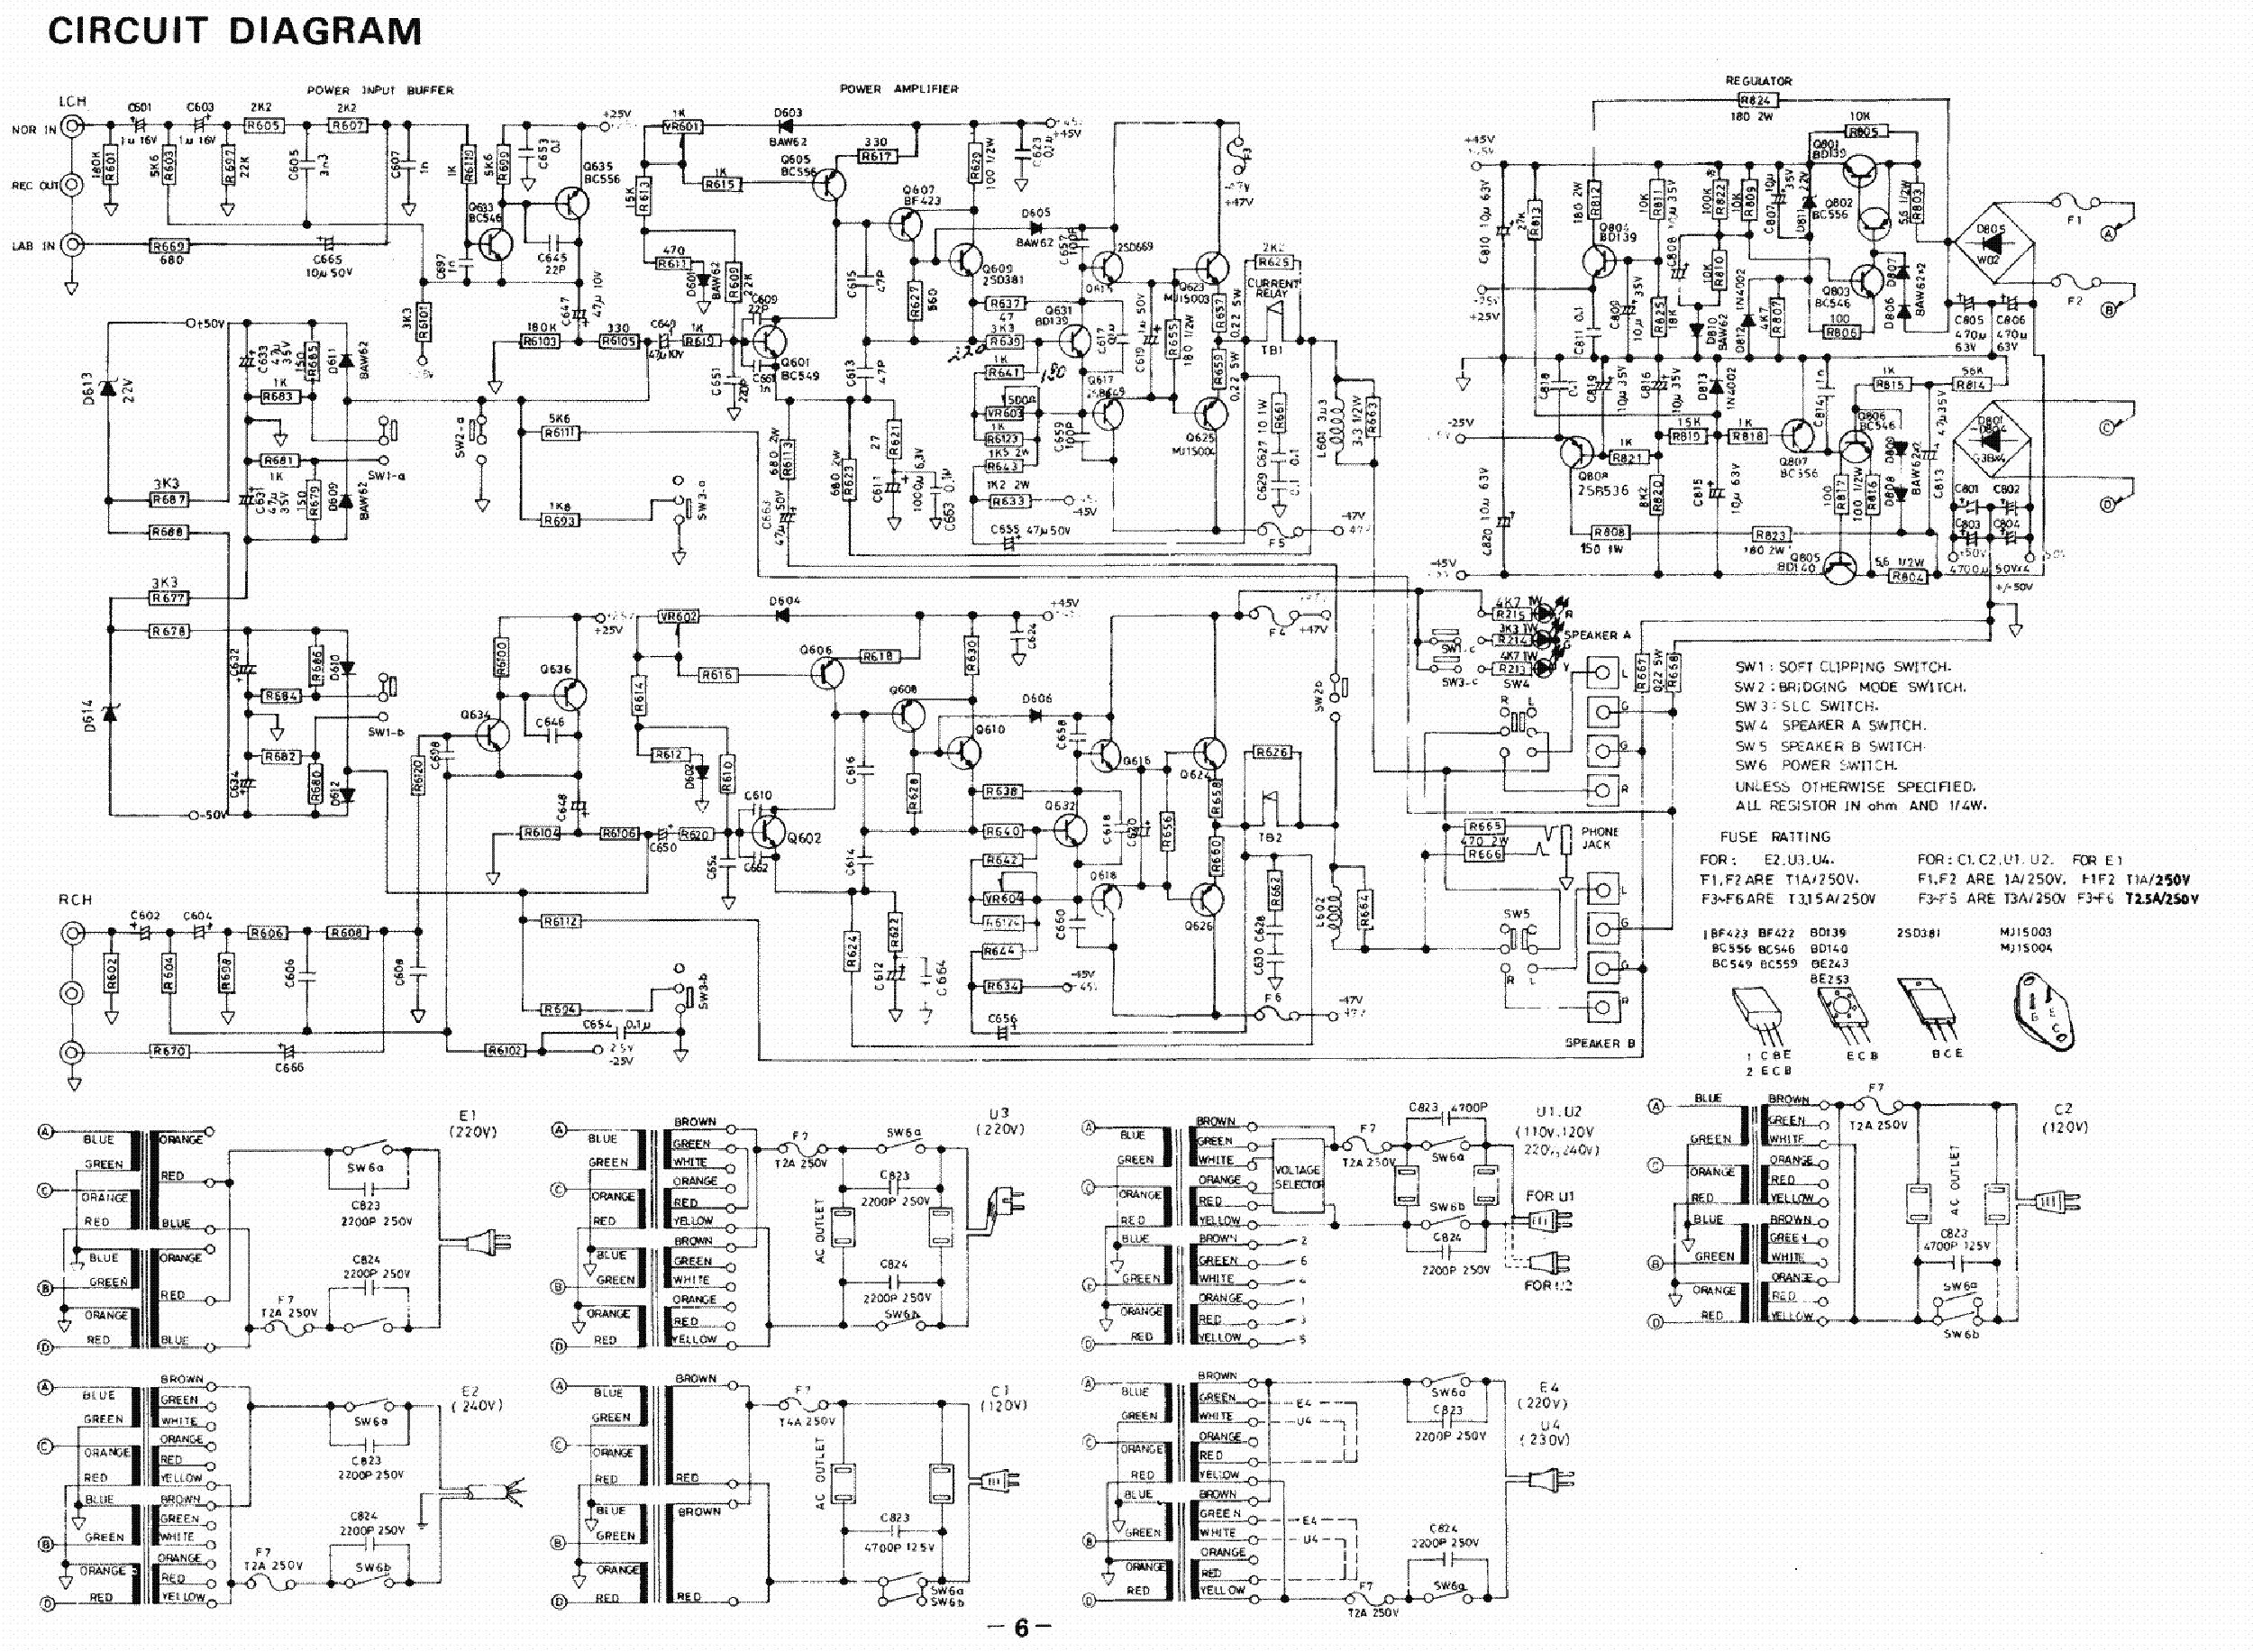 Nad 2140 Sch Service Manual Download  Schematics  Eeprom